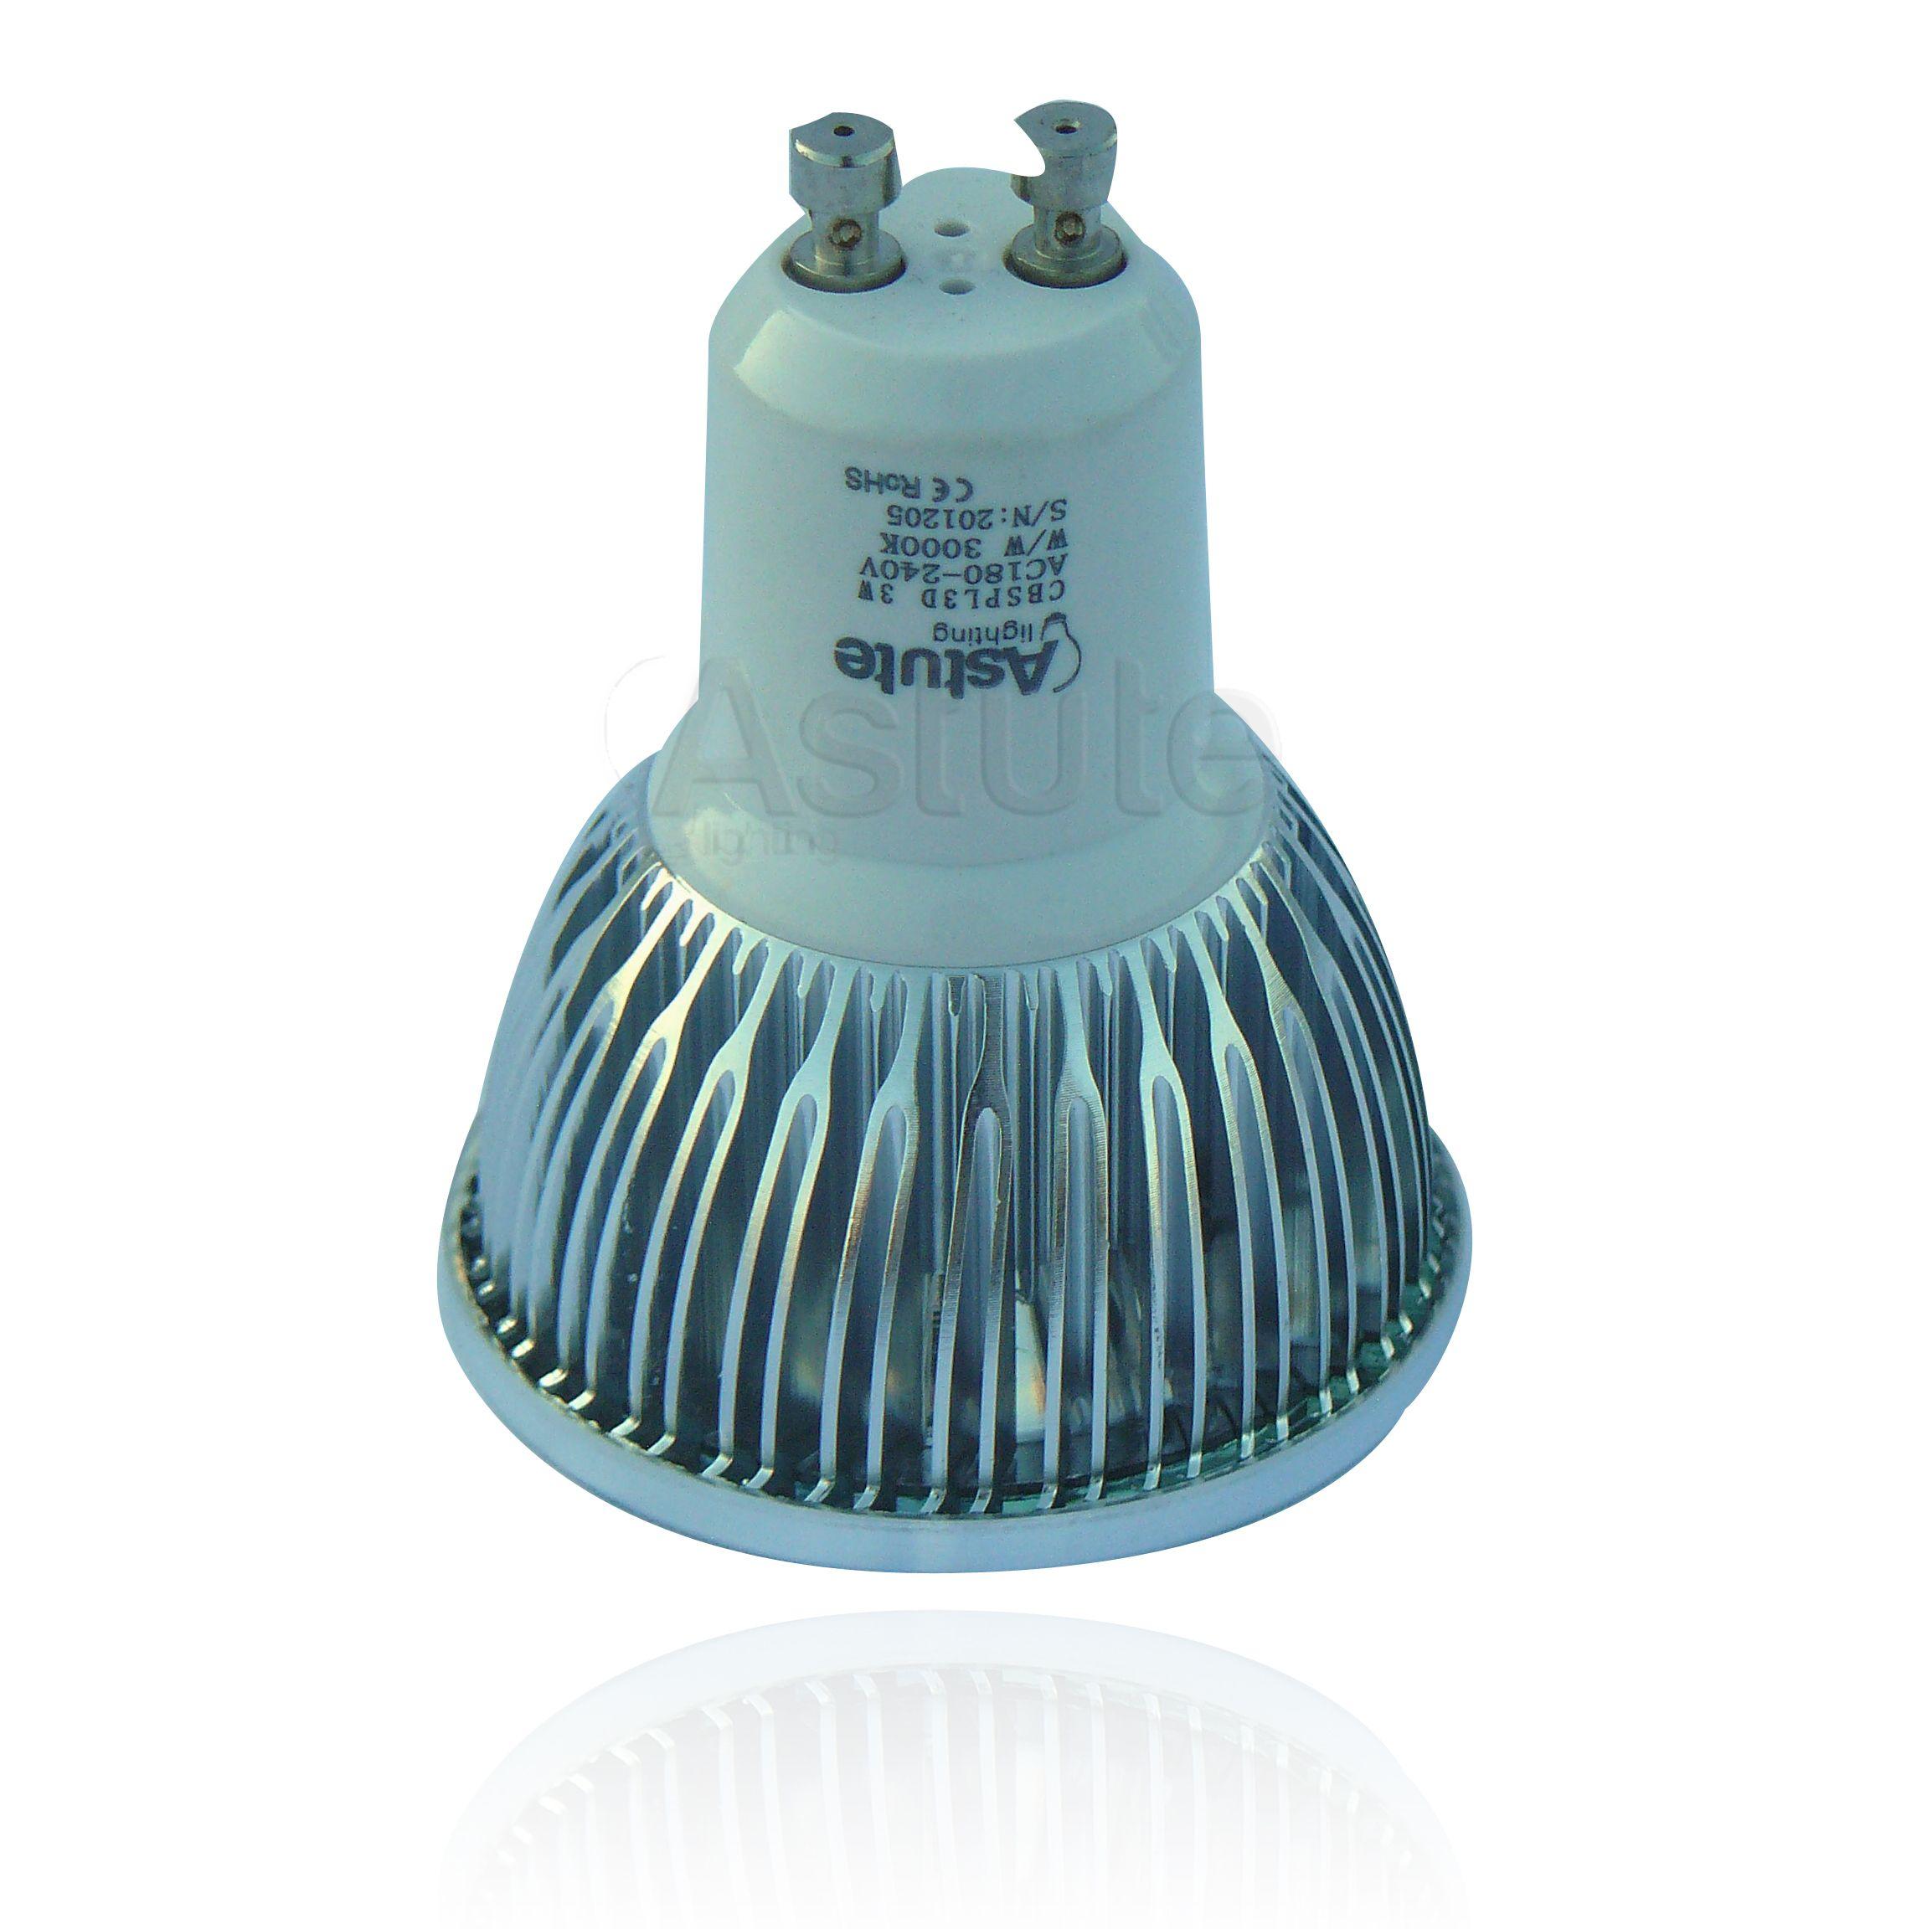 GU10 Led Bulbs Led bulb, Led spotlight, Bulb